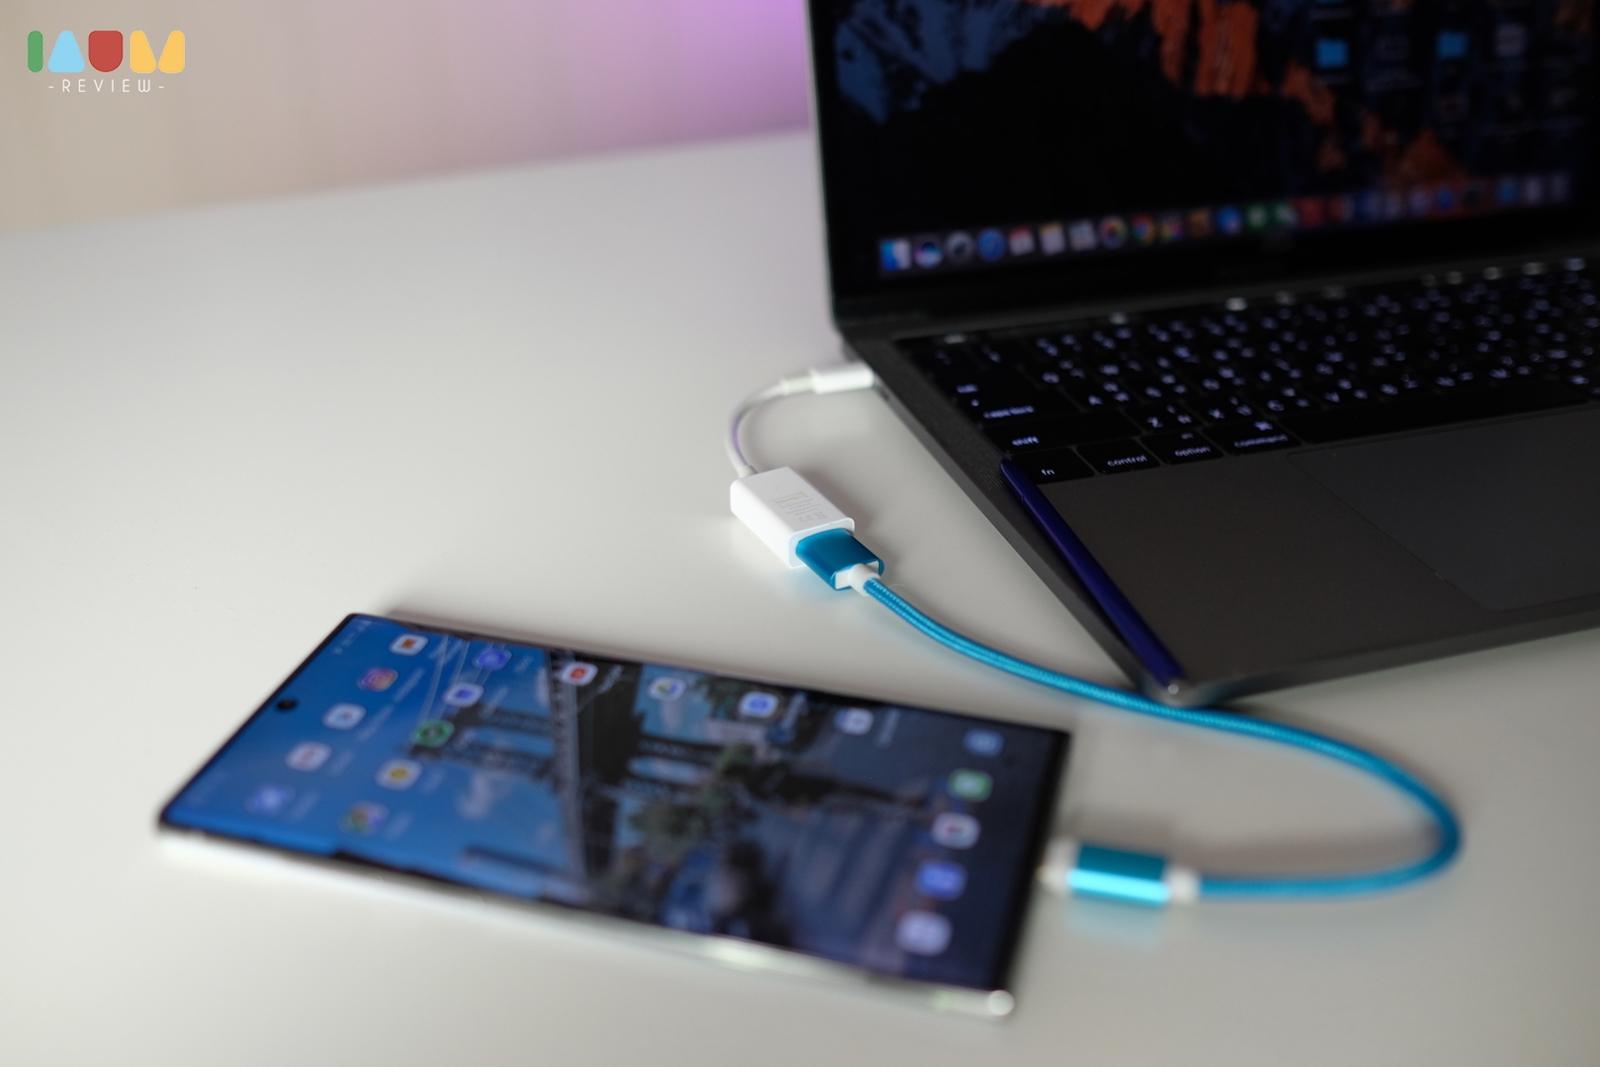 Galaxy Note10+ Dex